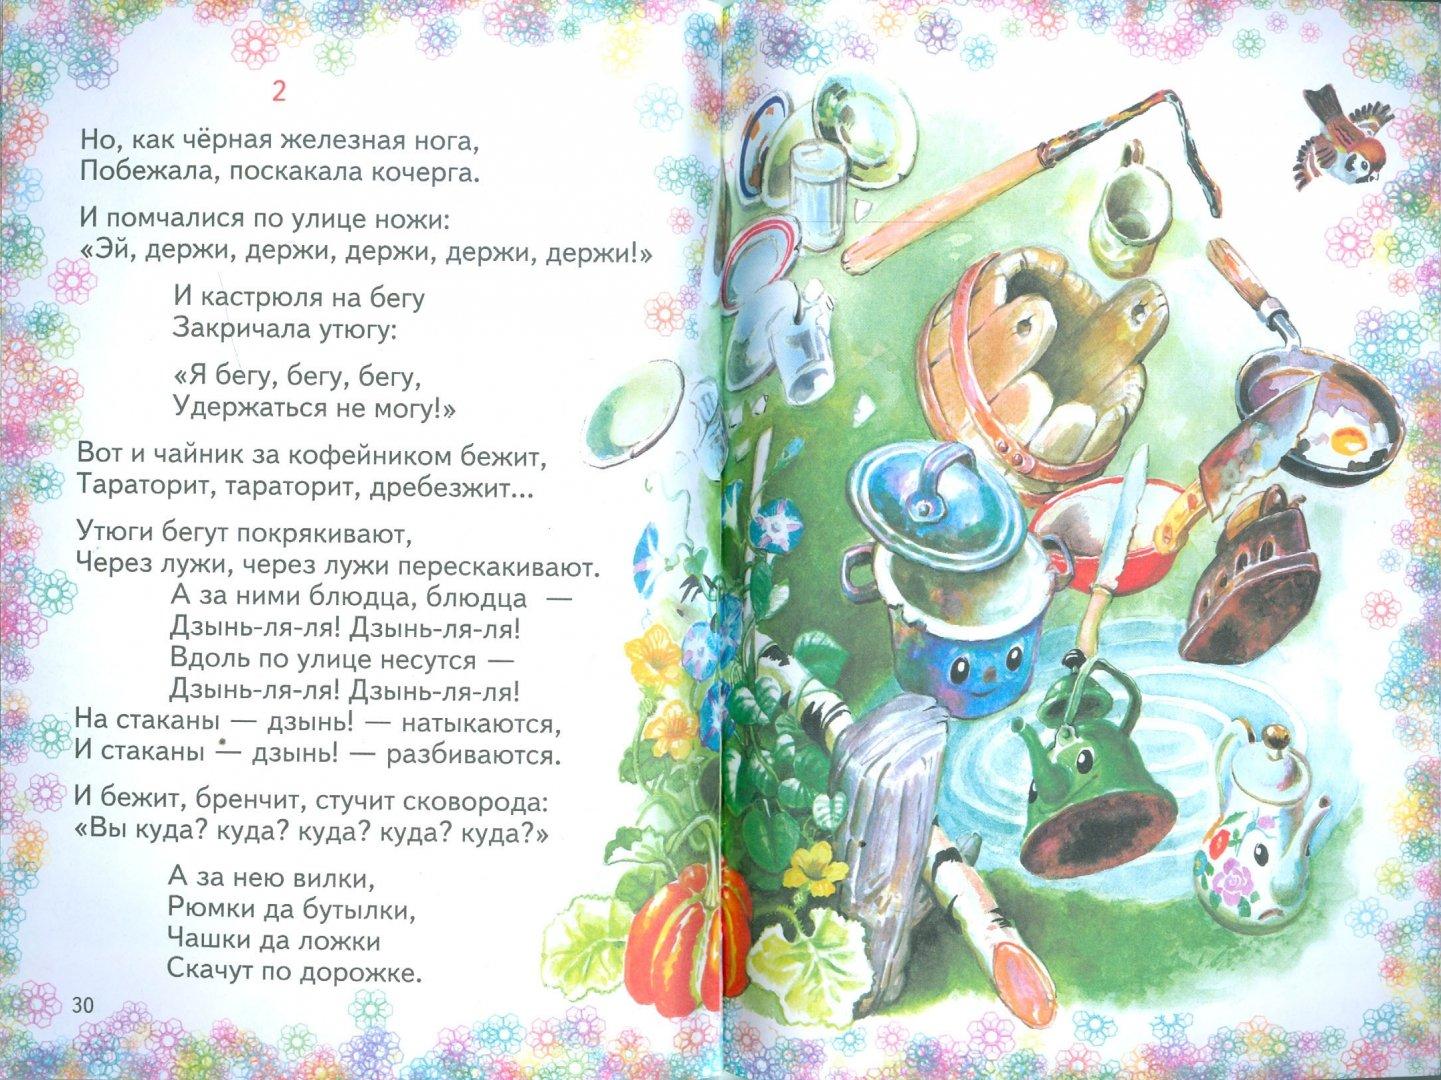 Иллюстрация 1 из 2 для БДК: Мойдодыр (мяг) - Корней Чуковский | Лабиринт - книги. Источник: Лабиринт